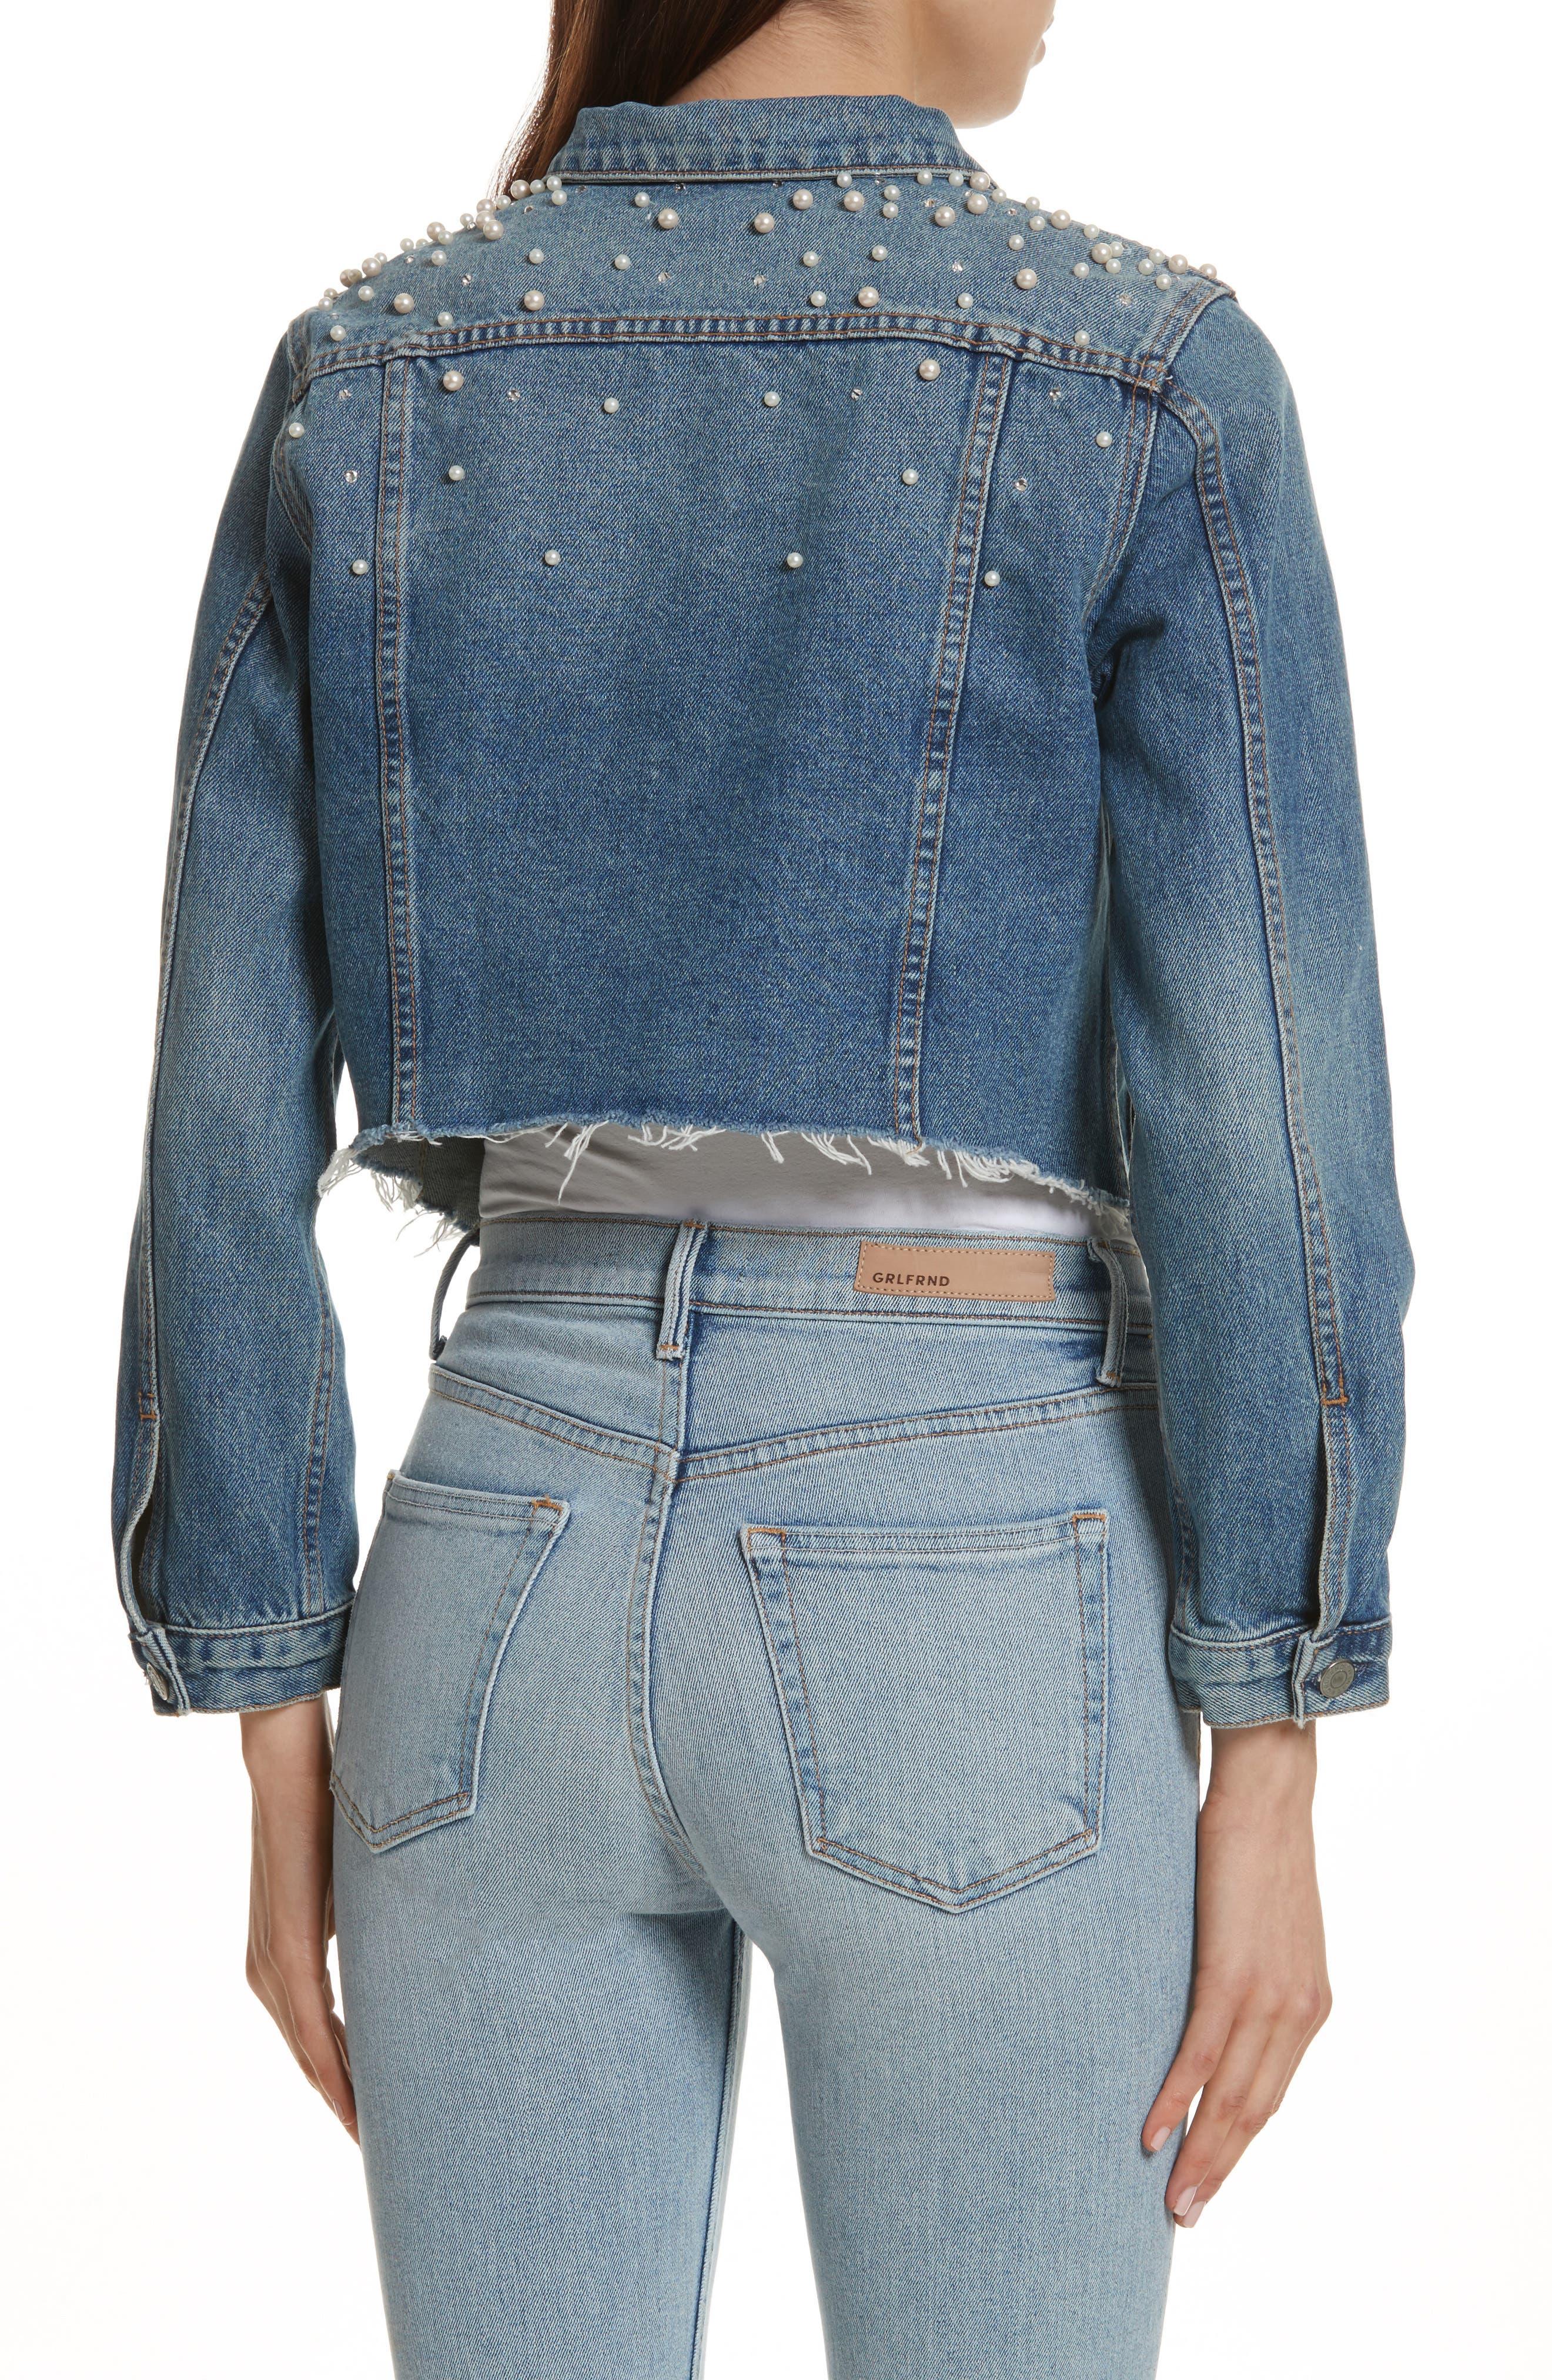 GRLFRND, Eve Faux Pearl & Crystal Embellished Crop Denim Jacket, Alternate thumbnail 2, color, 498